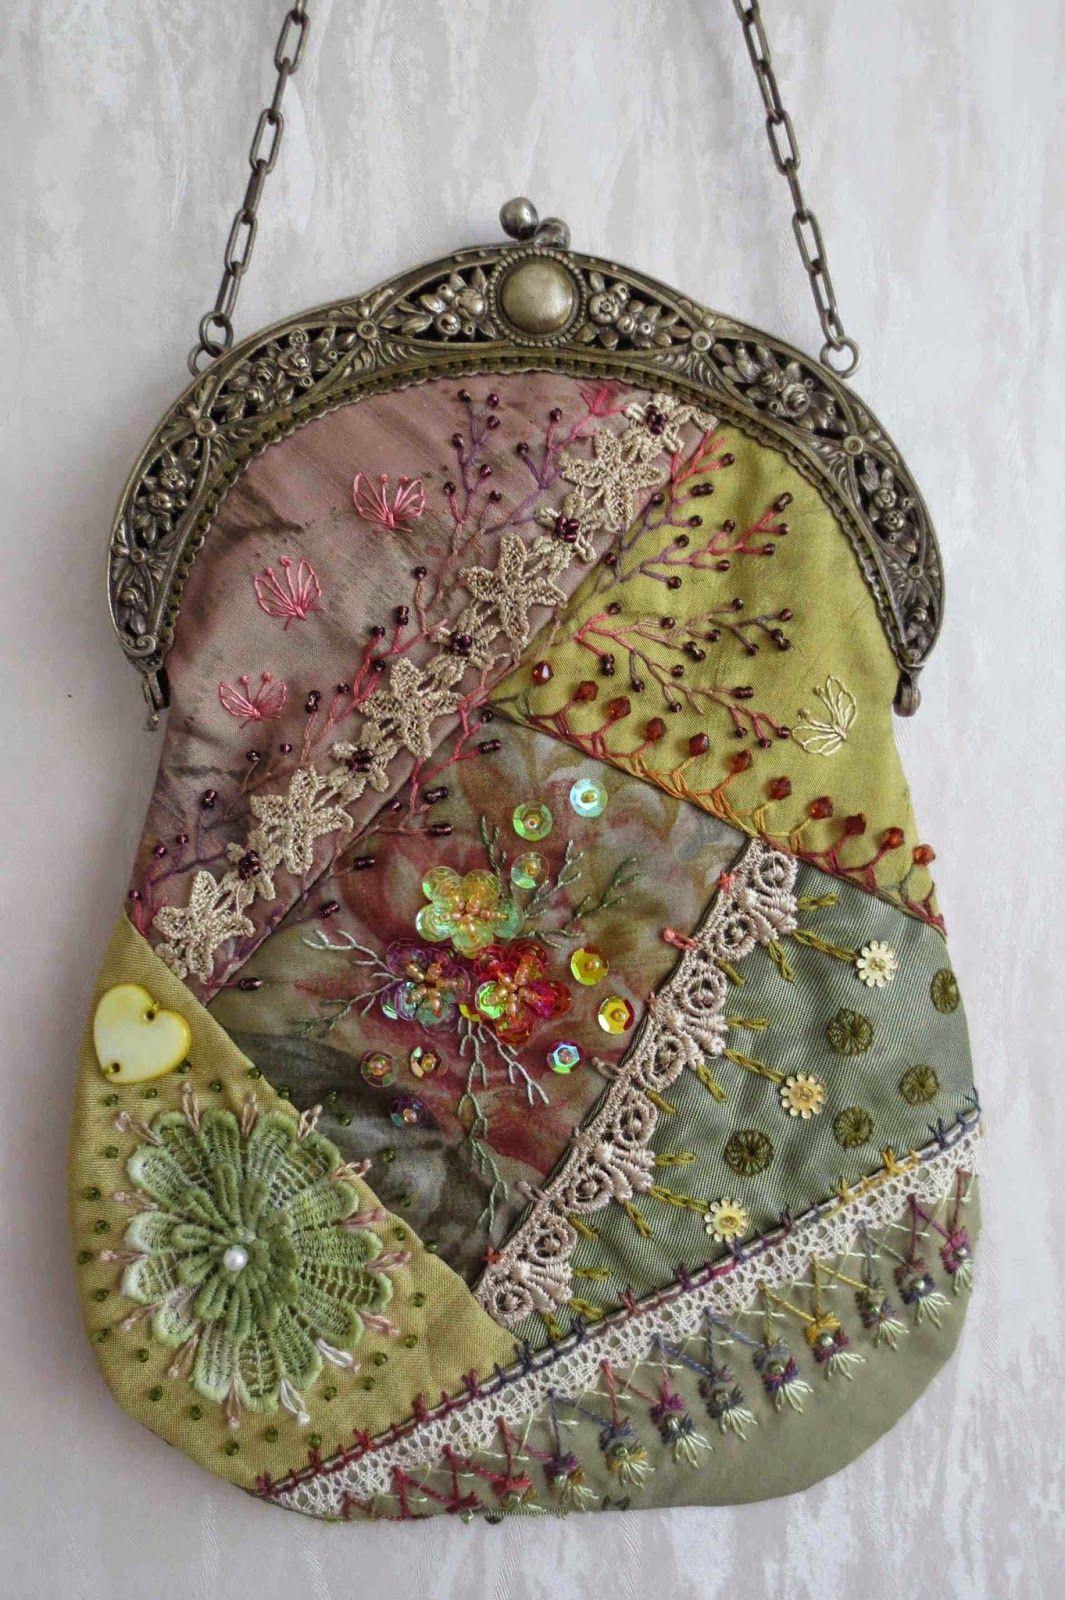 Vintage Rose Patch Premium Sewing Knitting Craft Bag